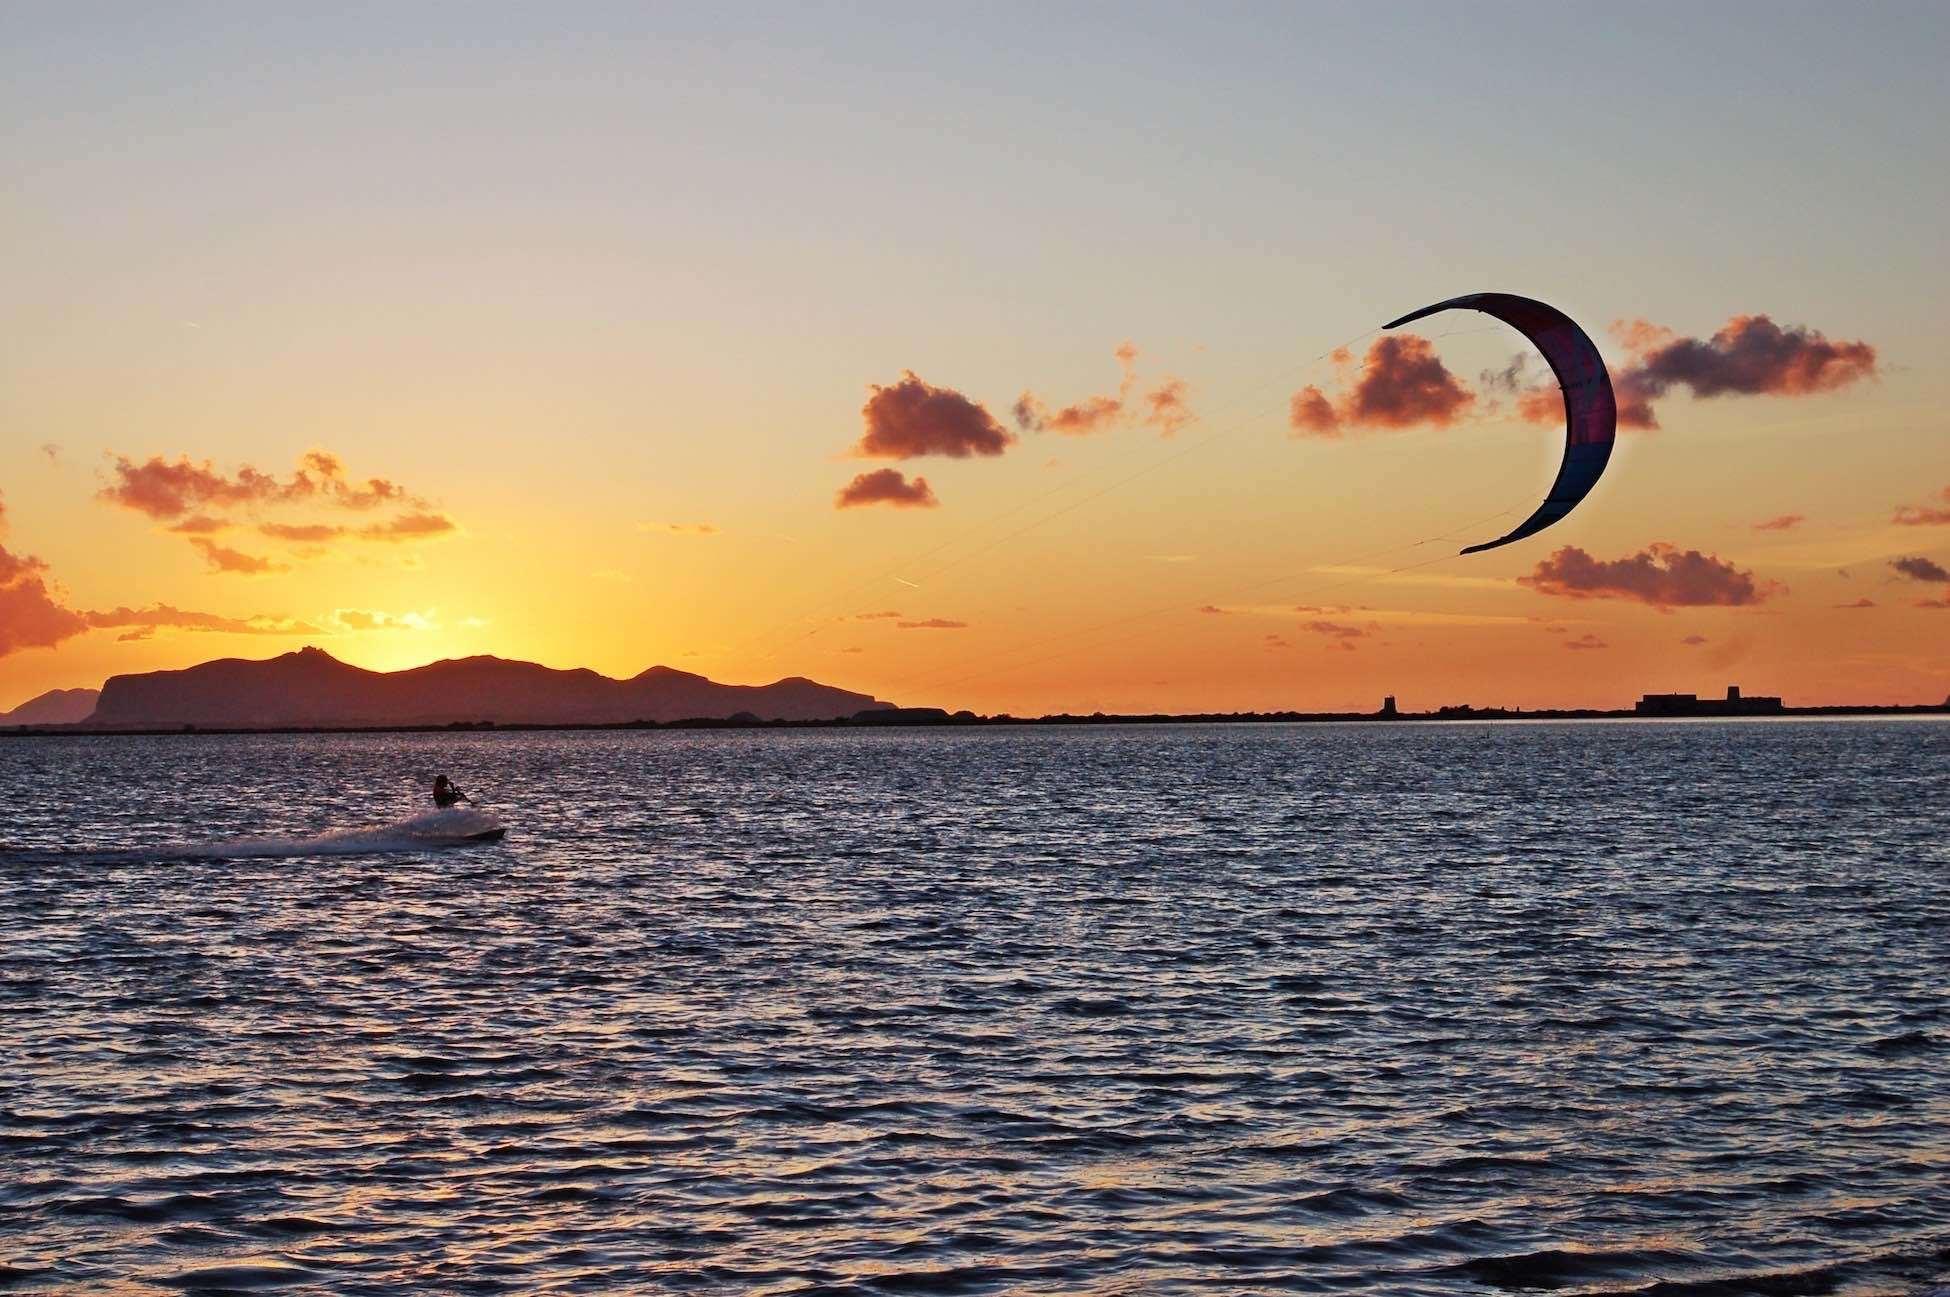 Kite allo Stagnone in Sicilia, uno dei migliori Kite Spot d'Italia